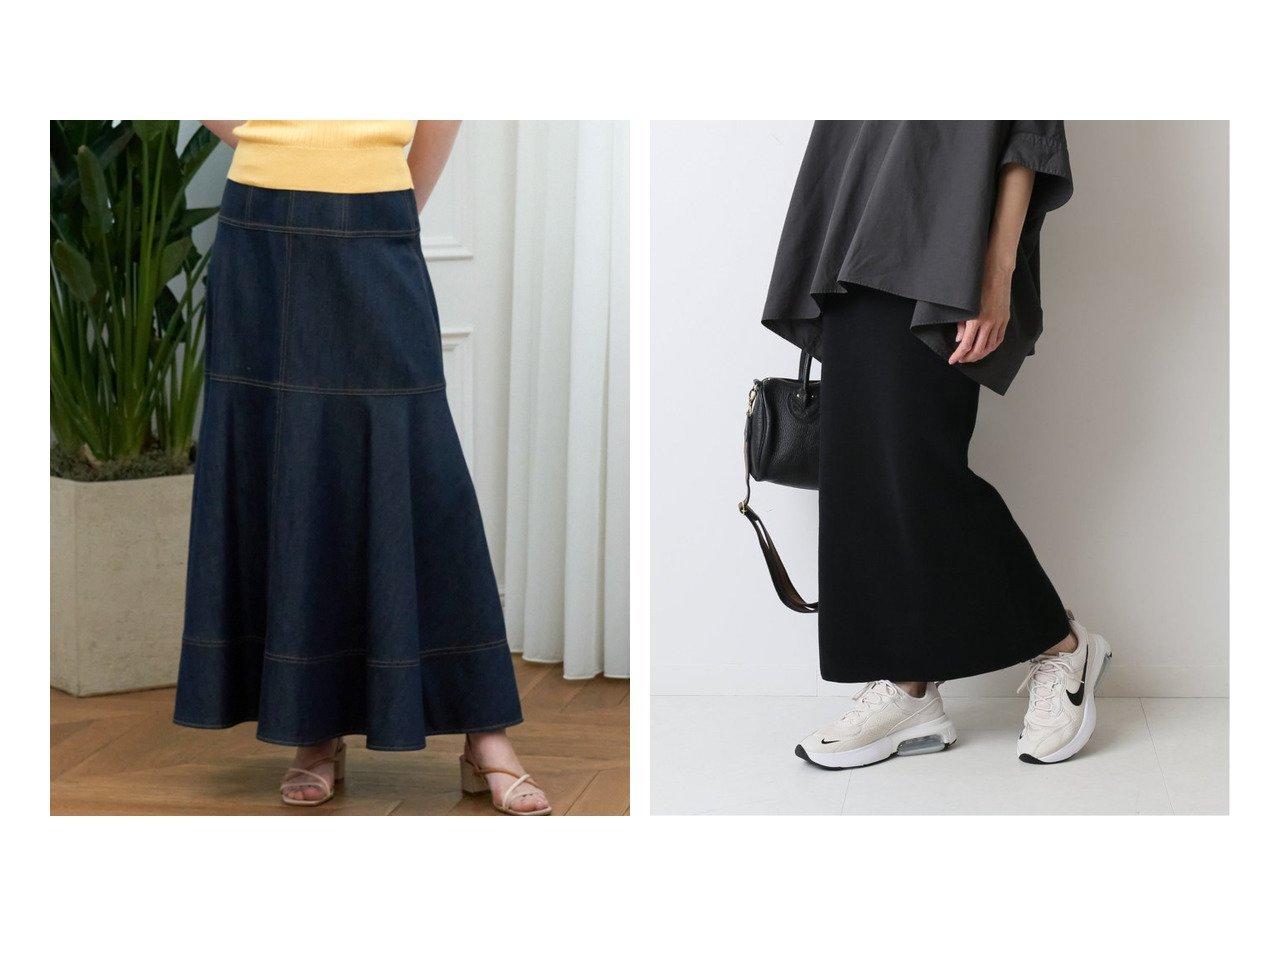 【ANAYI/アナイ】のデニムライクロングスカート&【FRAMeWORK/フレームワーク】のコットンハリヌキスカート2 【スカート】おすすめ!人気、トレンド・レディースファッションの通販  おすすめで人気の流行・トレンド、ファッションの通販商品 メンズファッション・キッズファッション・インテリア・家具・レディースファッション・服の通販 founy(ファニー) https://founy.com/ ファッション Fashion レディースファッション WOMEN スカート Skirt Aライン/フレアスカート Flared A-Line Skirts ロングスカート Long Skirt おすすめ Recommend ギャザー コンパクト シルク ストレッチ デニム フレア ロング 今季 切替 2021年 2021 2021春夏・S/S SS/Spring/Summer/2021 S/S・春夏 SS・Spring/Summer セットアップ フィット |ID:crp329100000038322